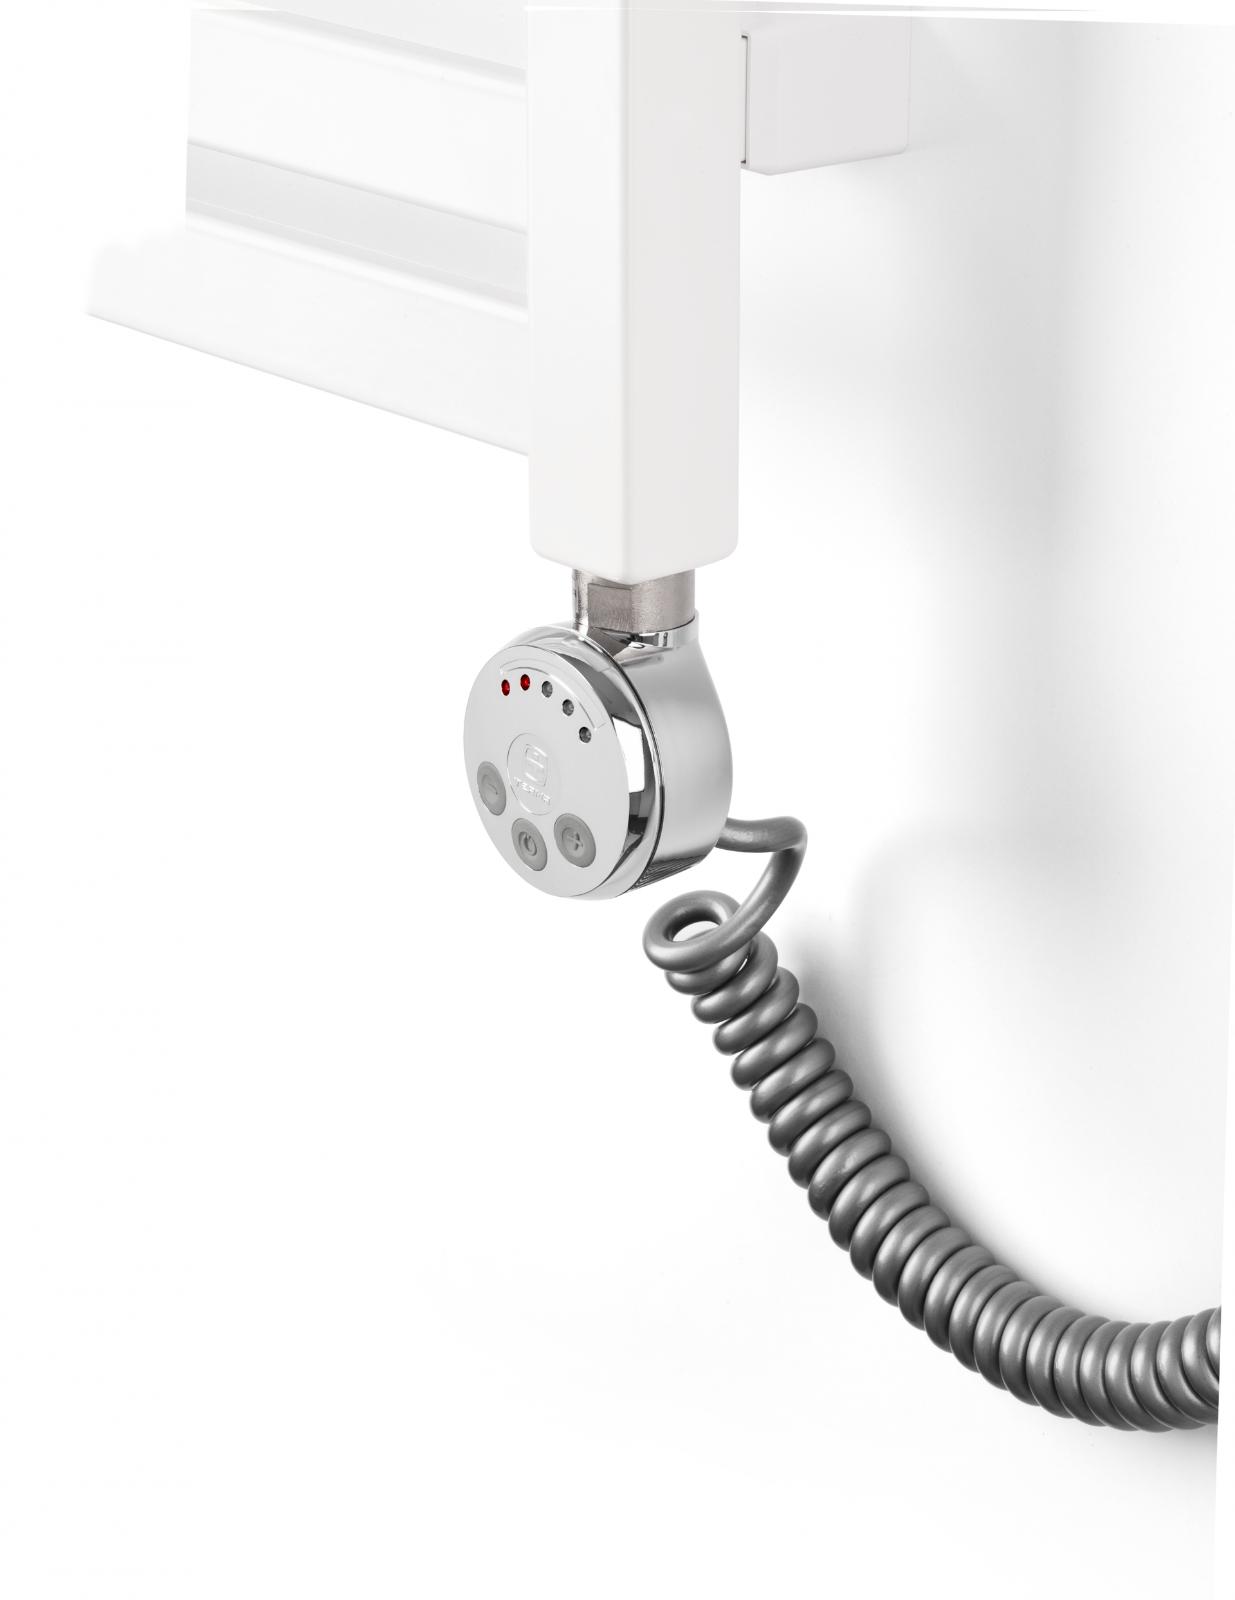 Mert Heizung gebogen elektrisch oder Warmwasser 1//2 Zoll Bad-Heizung 1200x400 Bad-Heizk/örper Mittelanschluss 50 mm wei/ß Handtuchhalter f/ür Wandmontage